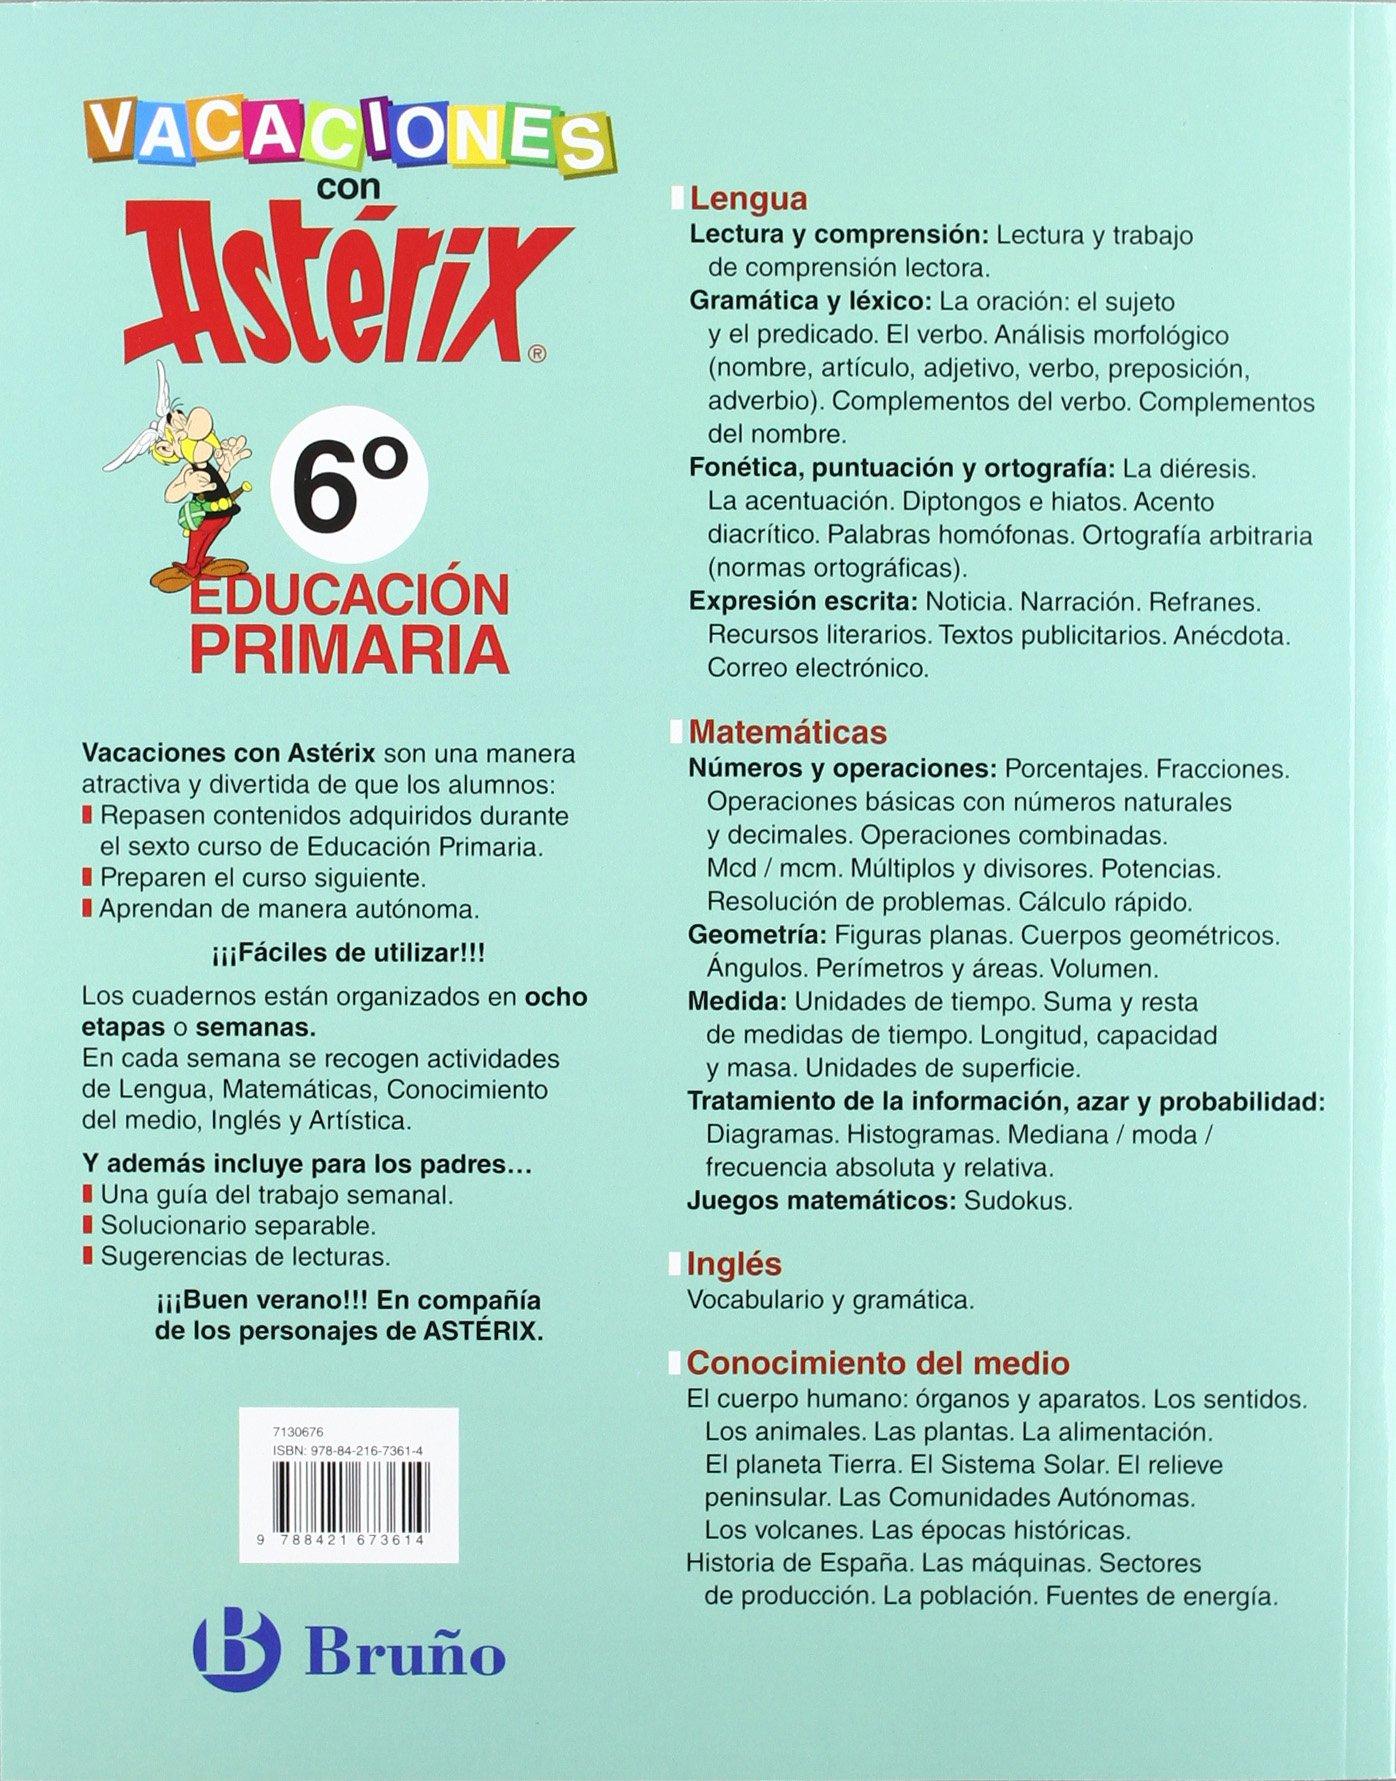 Vacaciones con Astérix 6º Primaria Castellano - Material Complementario - Vacaciones Primaria - 9788421673614: Amazon.es: Mónica Bofarull Jardí, ...